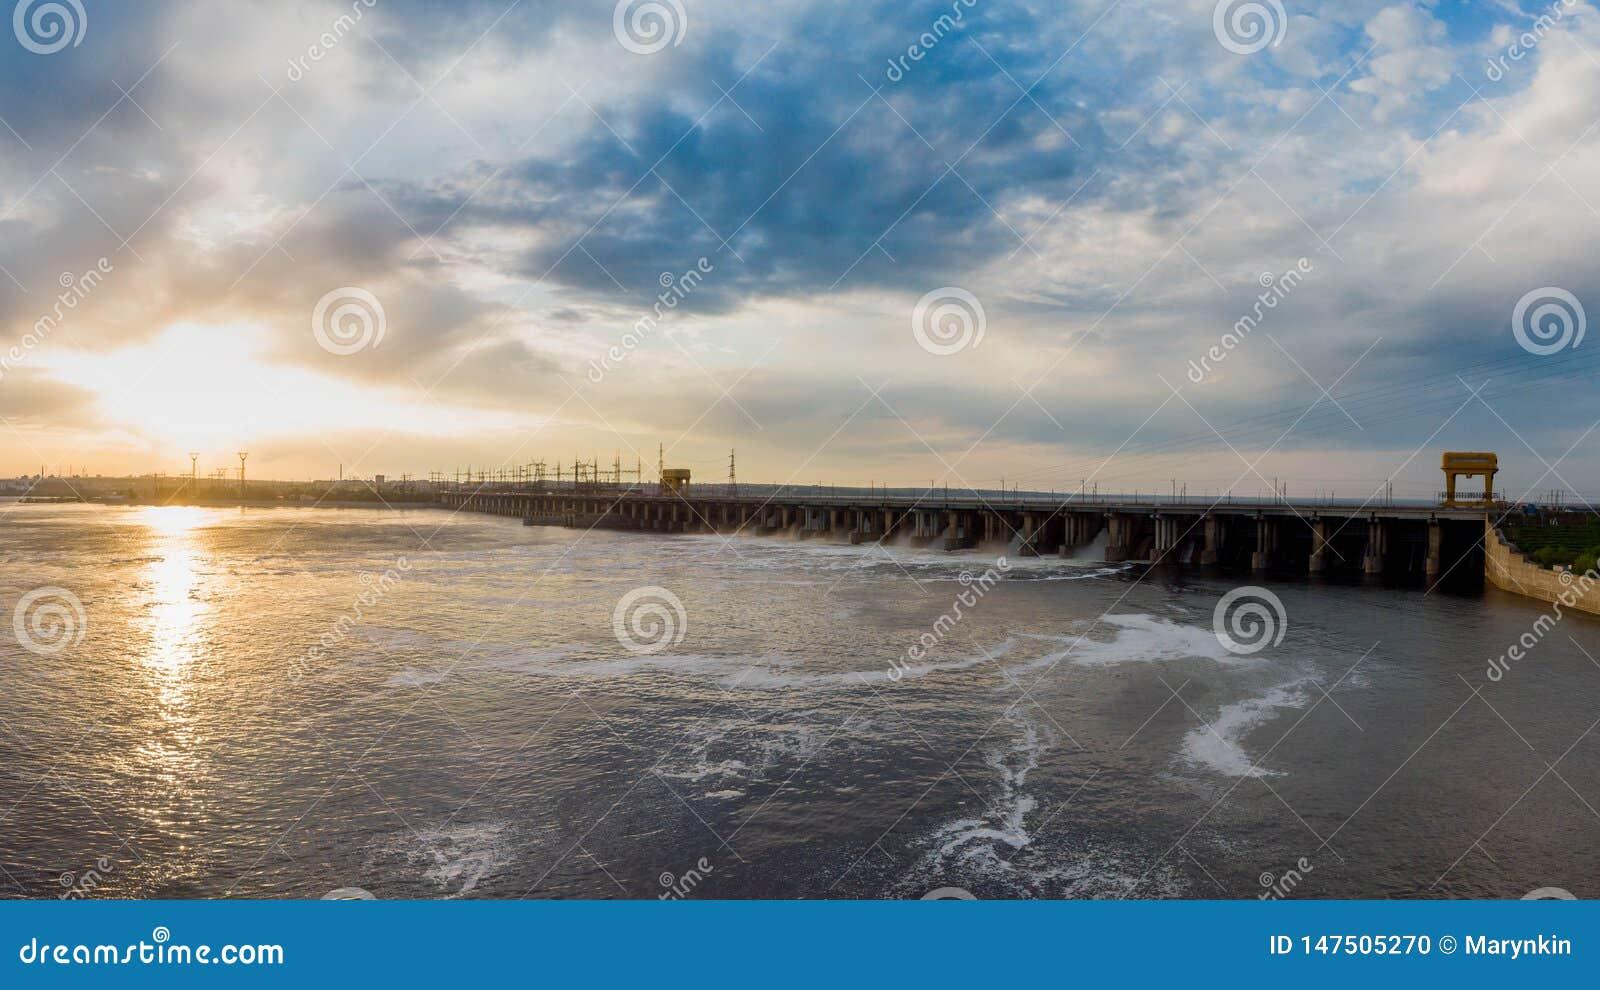 De krachtige stroom van water valt van het blind in de hydro-elektrische dam,